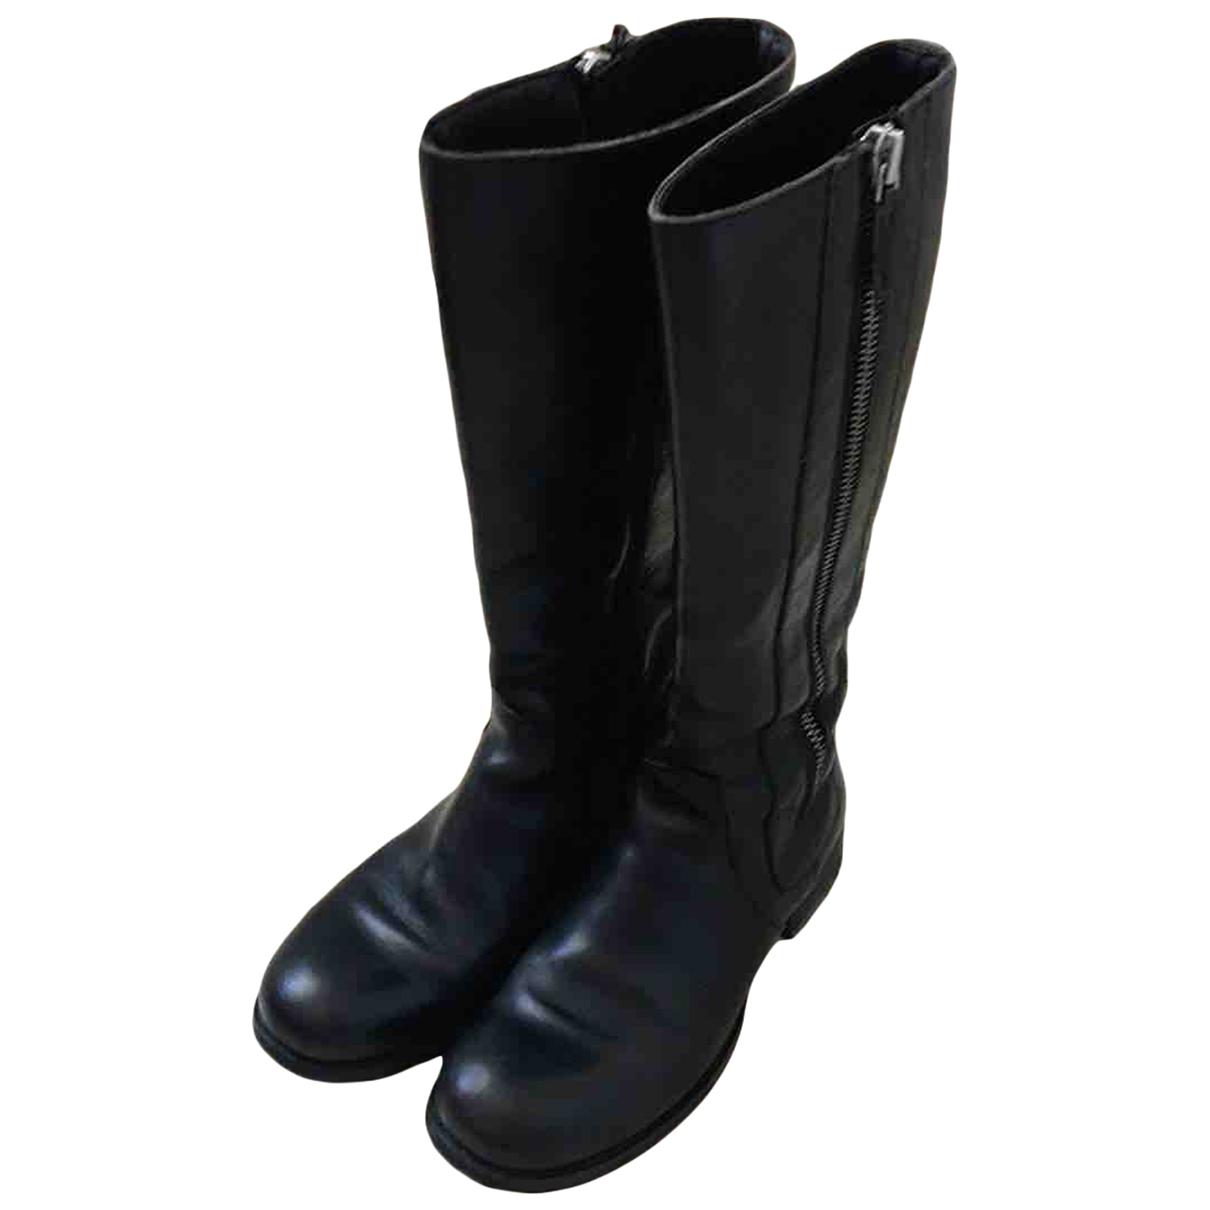 Moma - Bottes   pour femme en cuir - noir